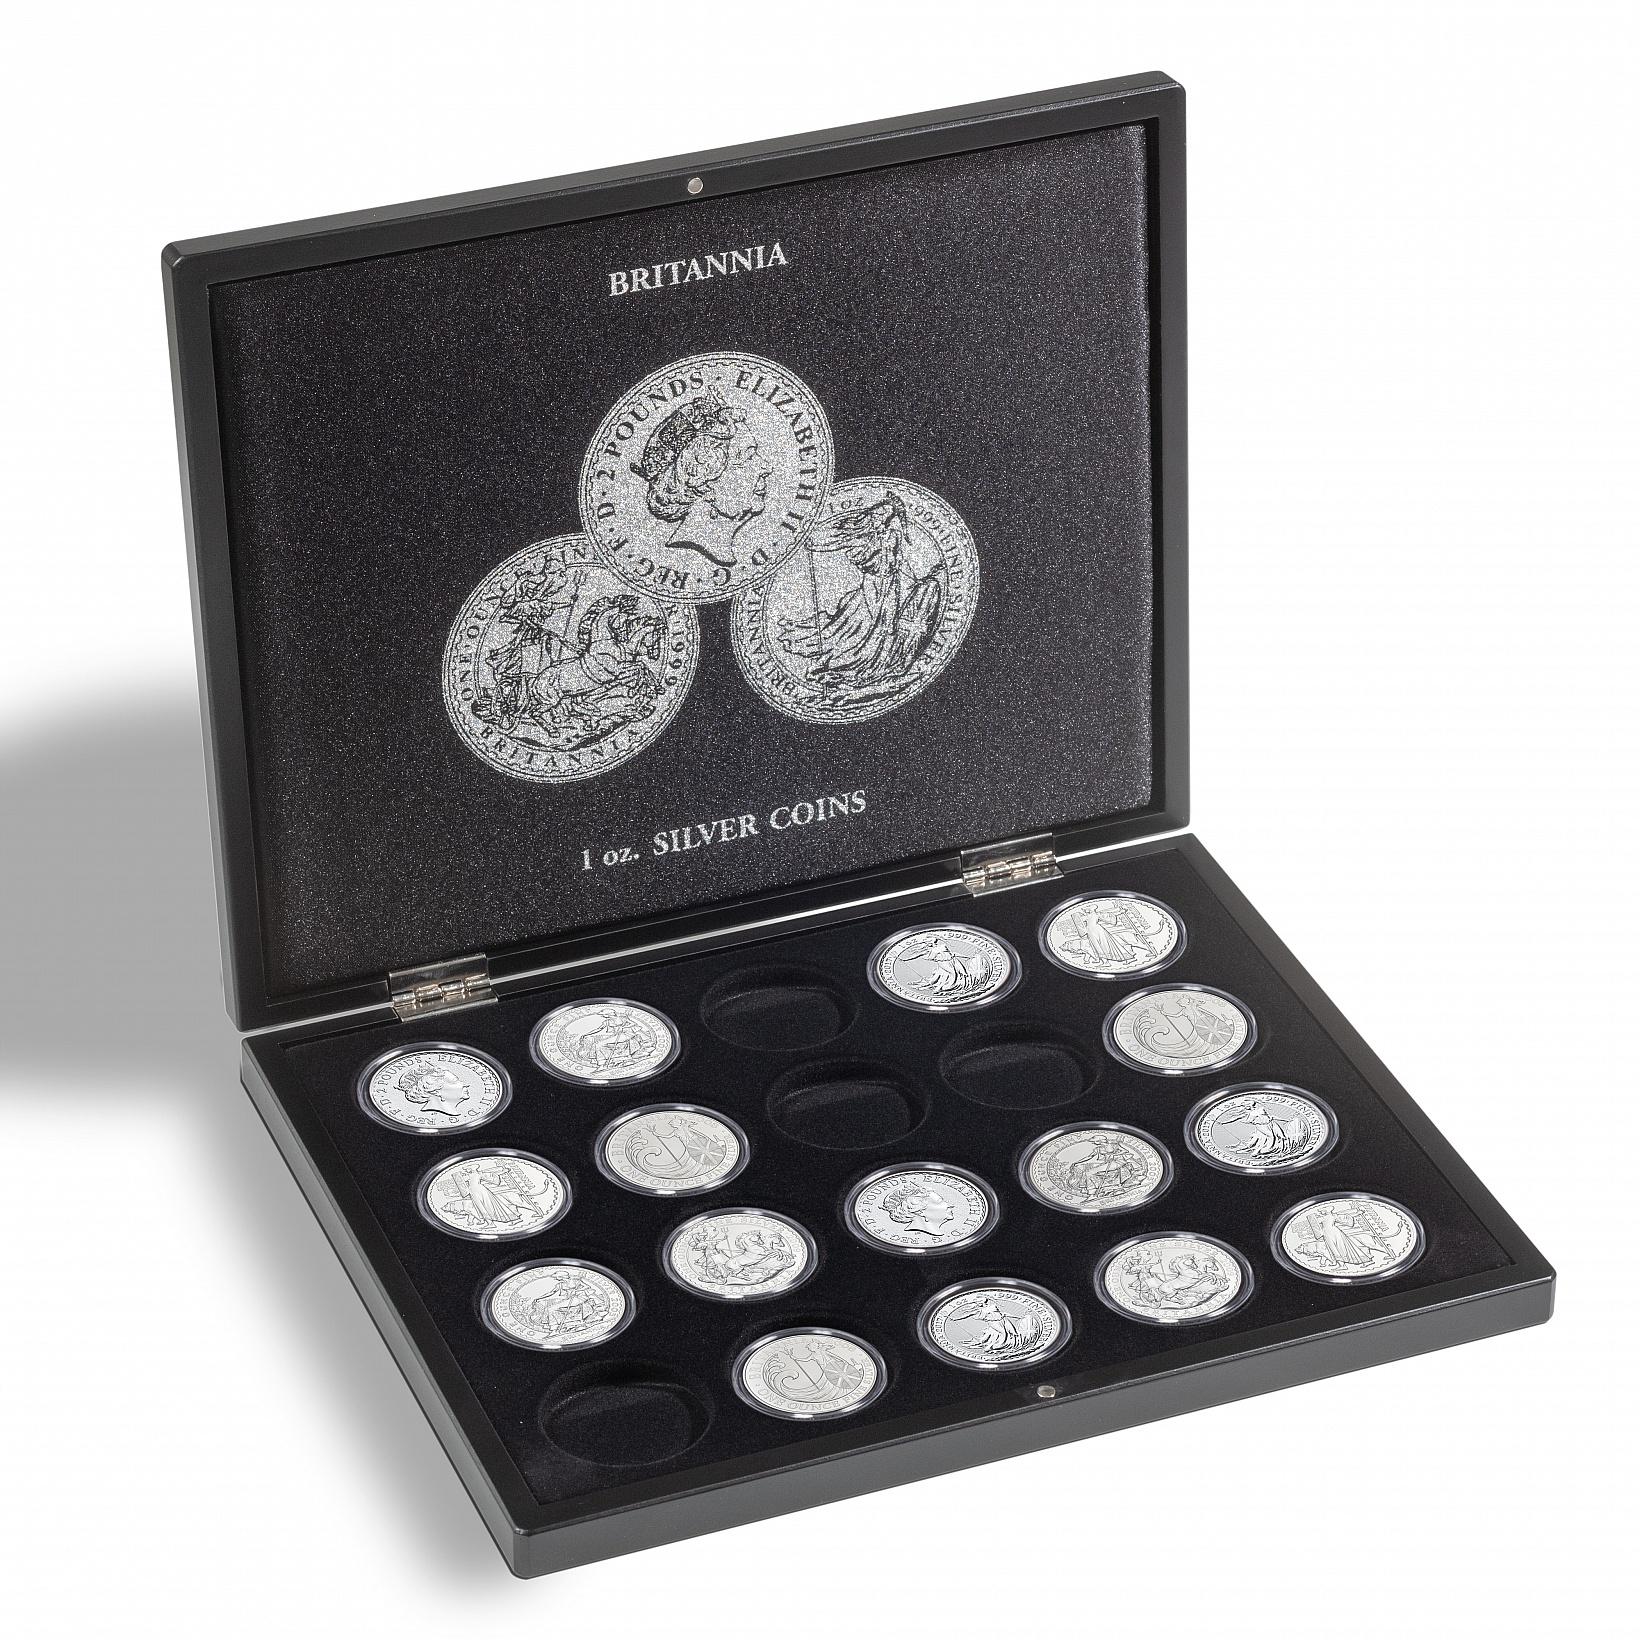 presentation-case-for-20-britannia-silver-coins-1-oz-in-capsules-1